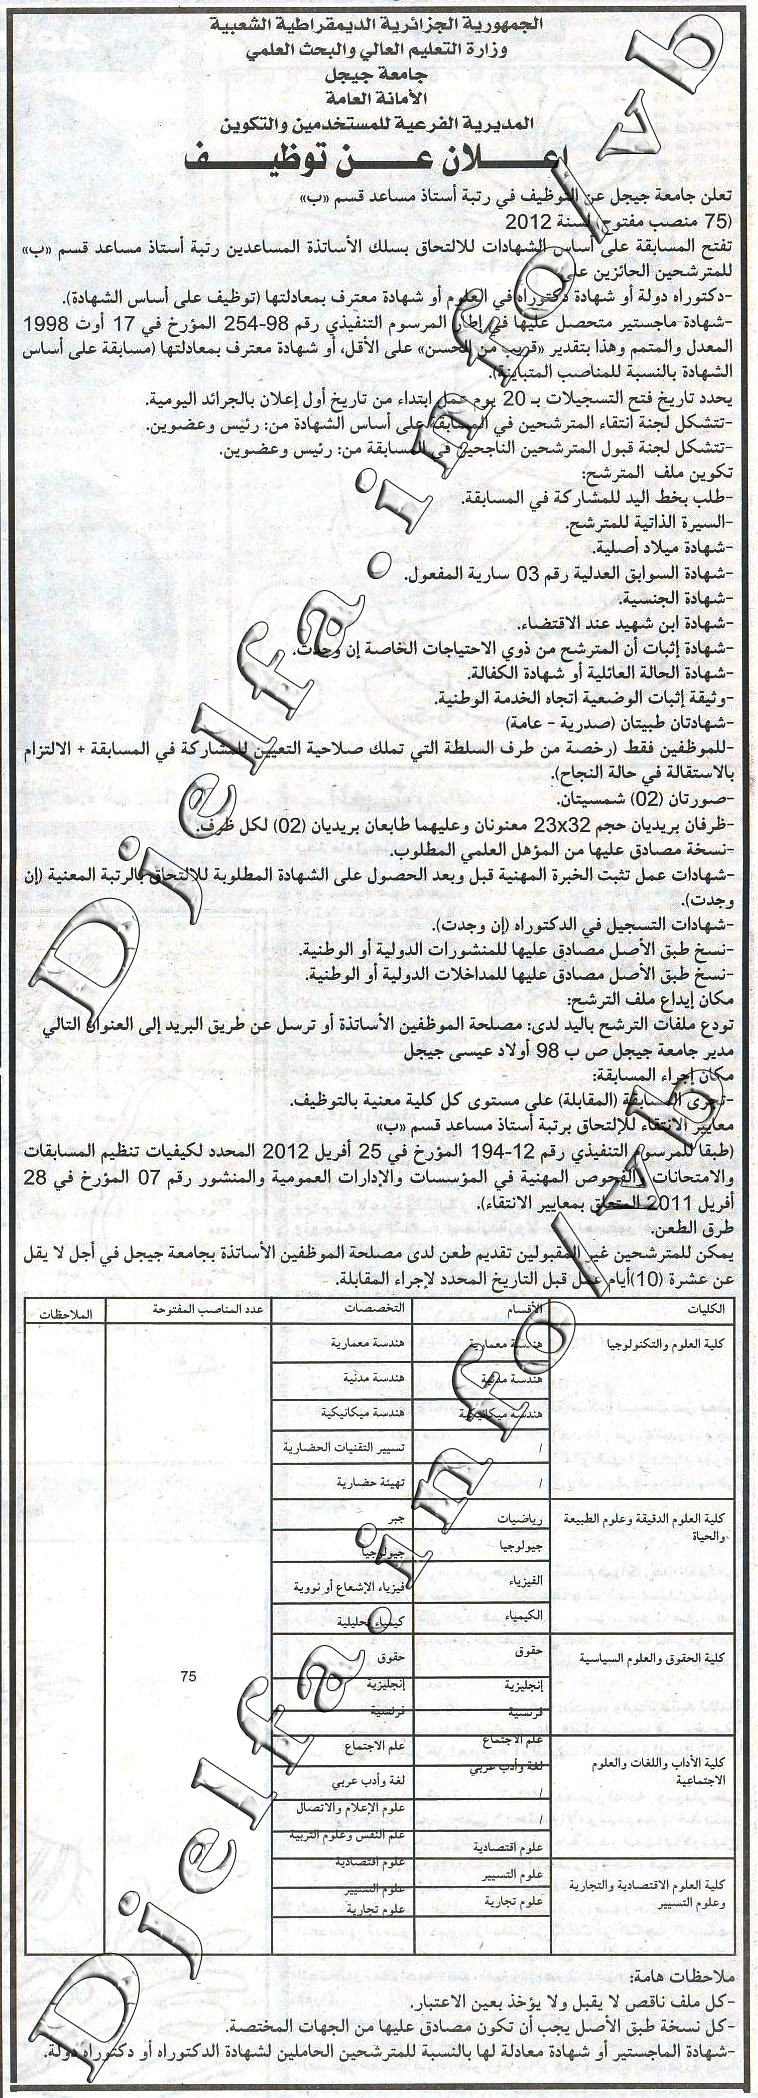 Université Mohamed Seddik Ben Yahia - Jijel recrute des enseignants 2012 -2013   126625Jijel2012copy